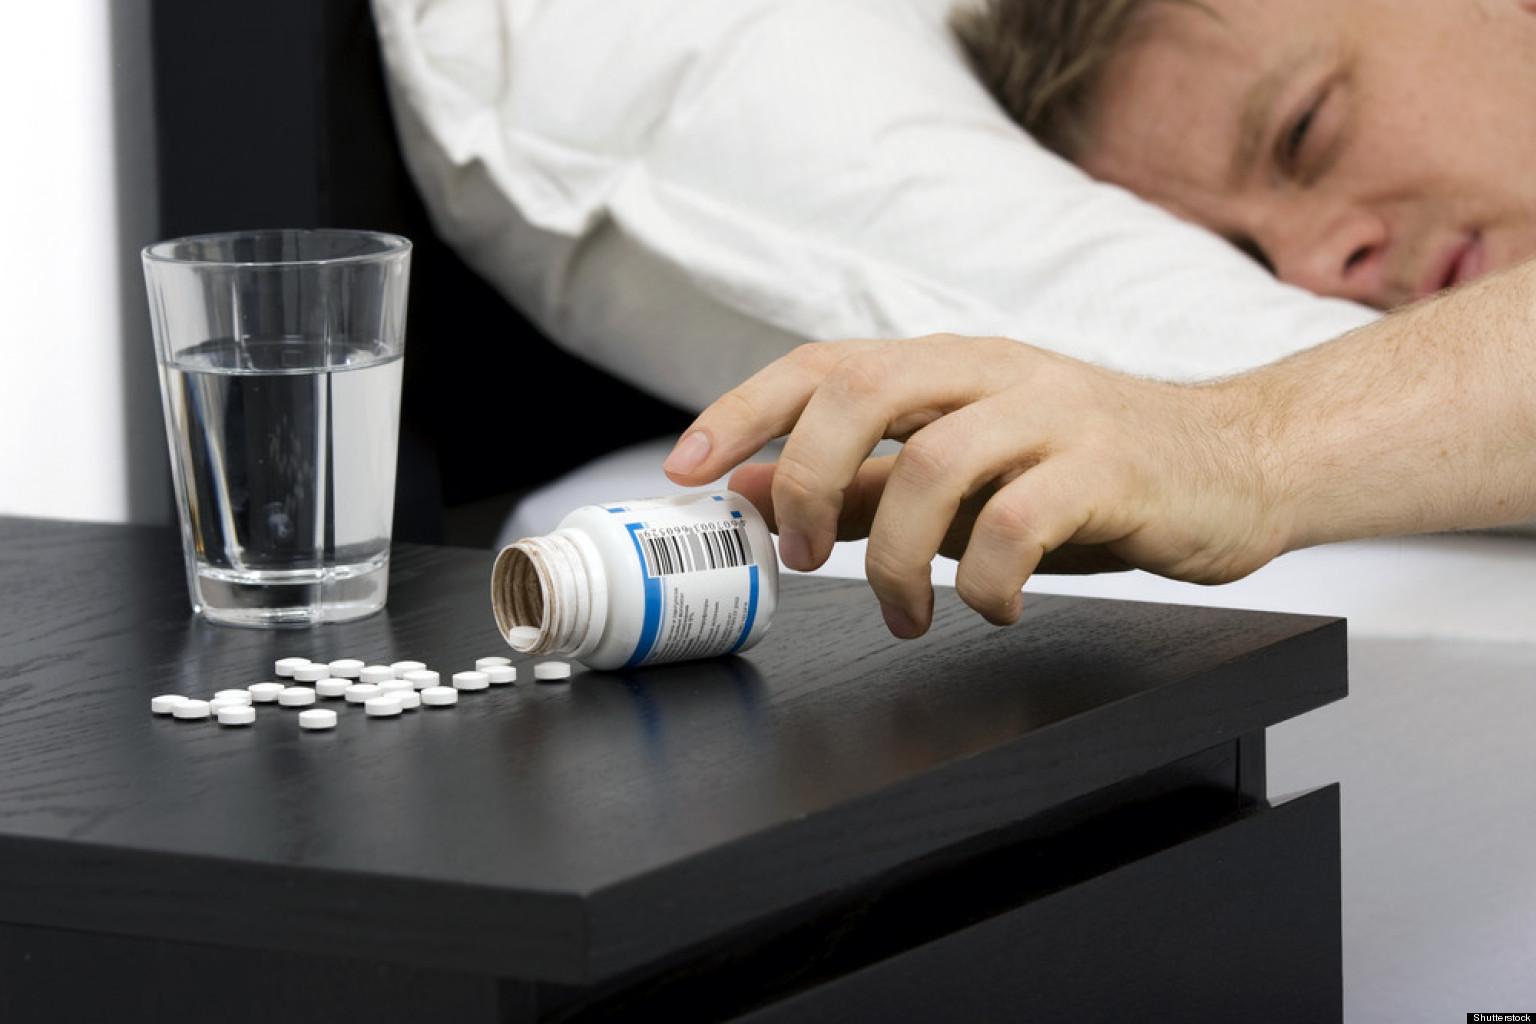 thuốc ngủ, ung thư, rối loạn tâm thần